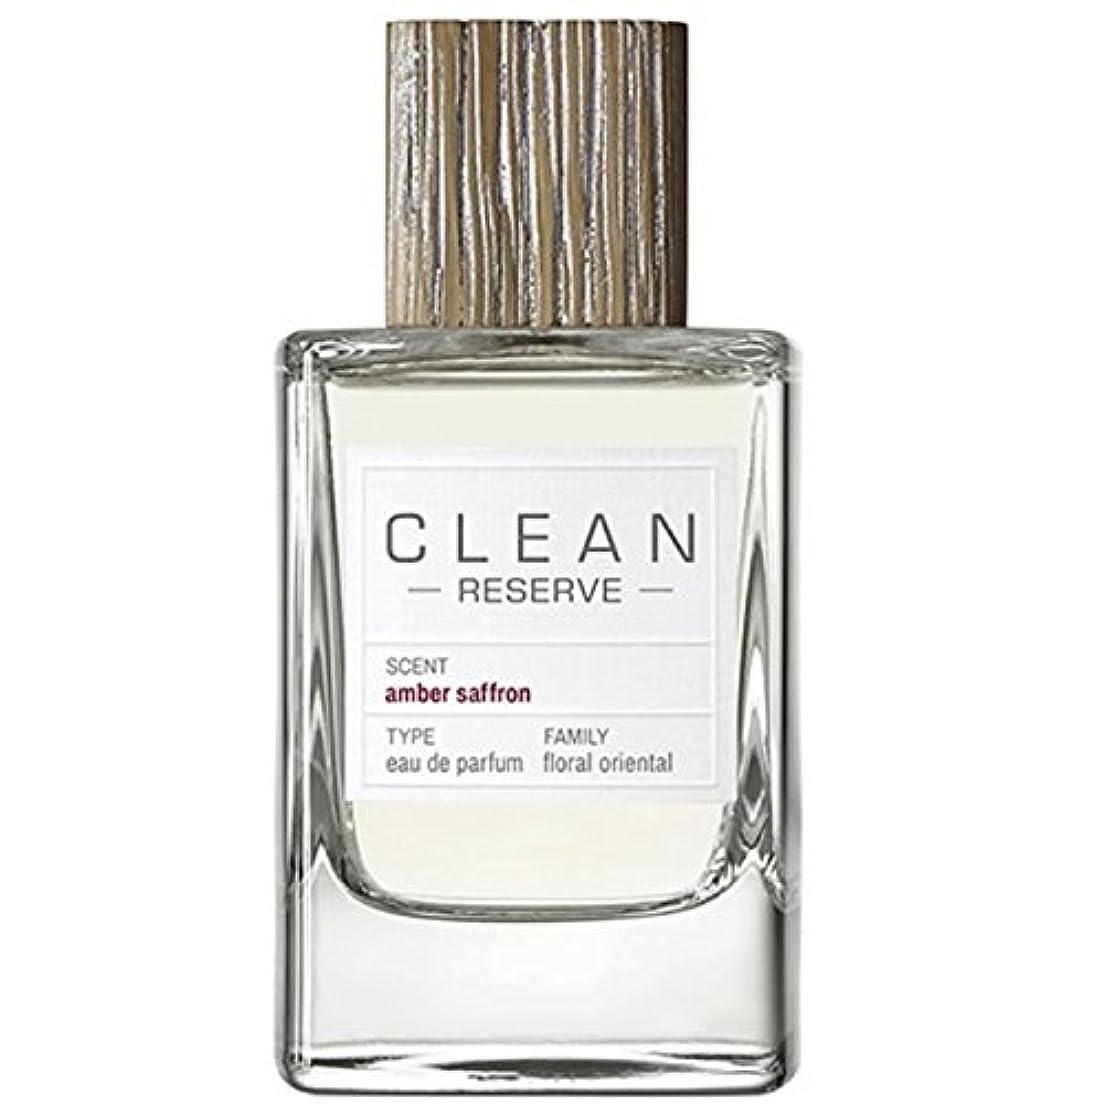 災難アライアンスディベート◆【CLEAN】Unisex香水◆クリーン リザーブ アンバーサフラン オードパルファムEDP 100ml◆